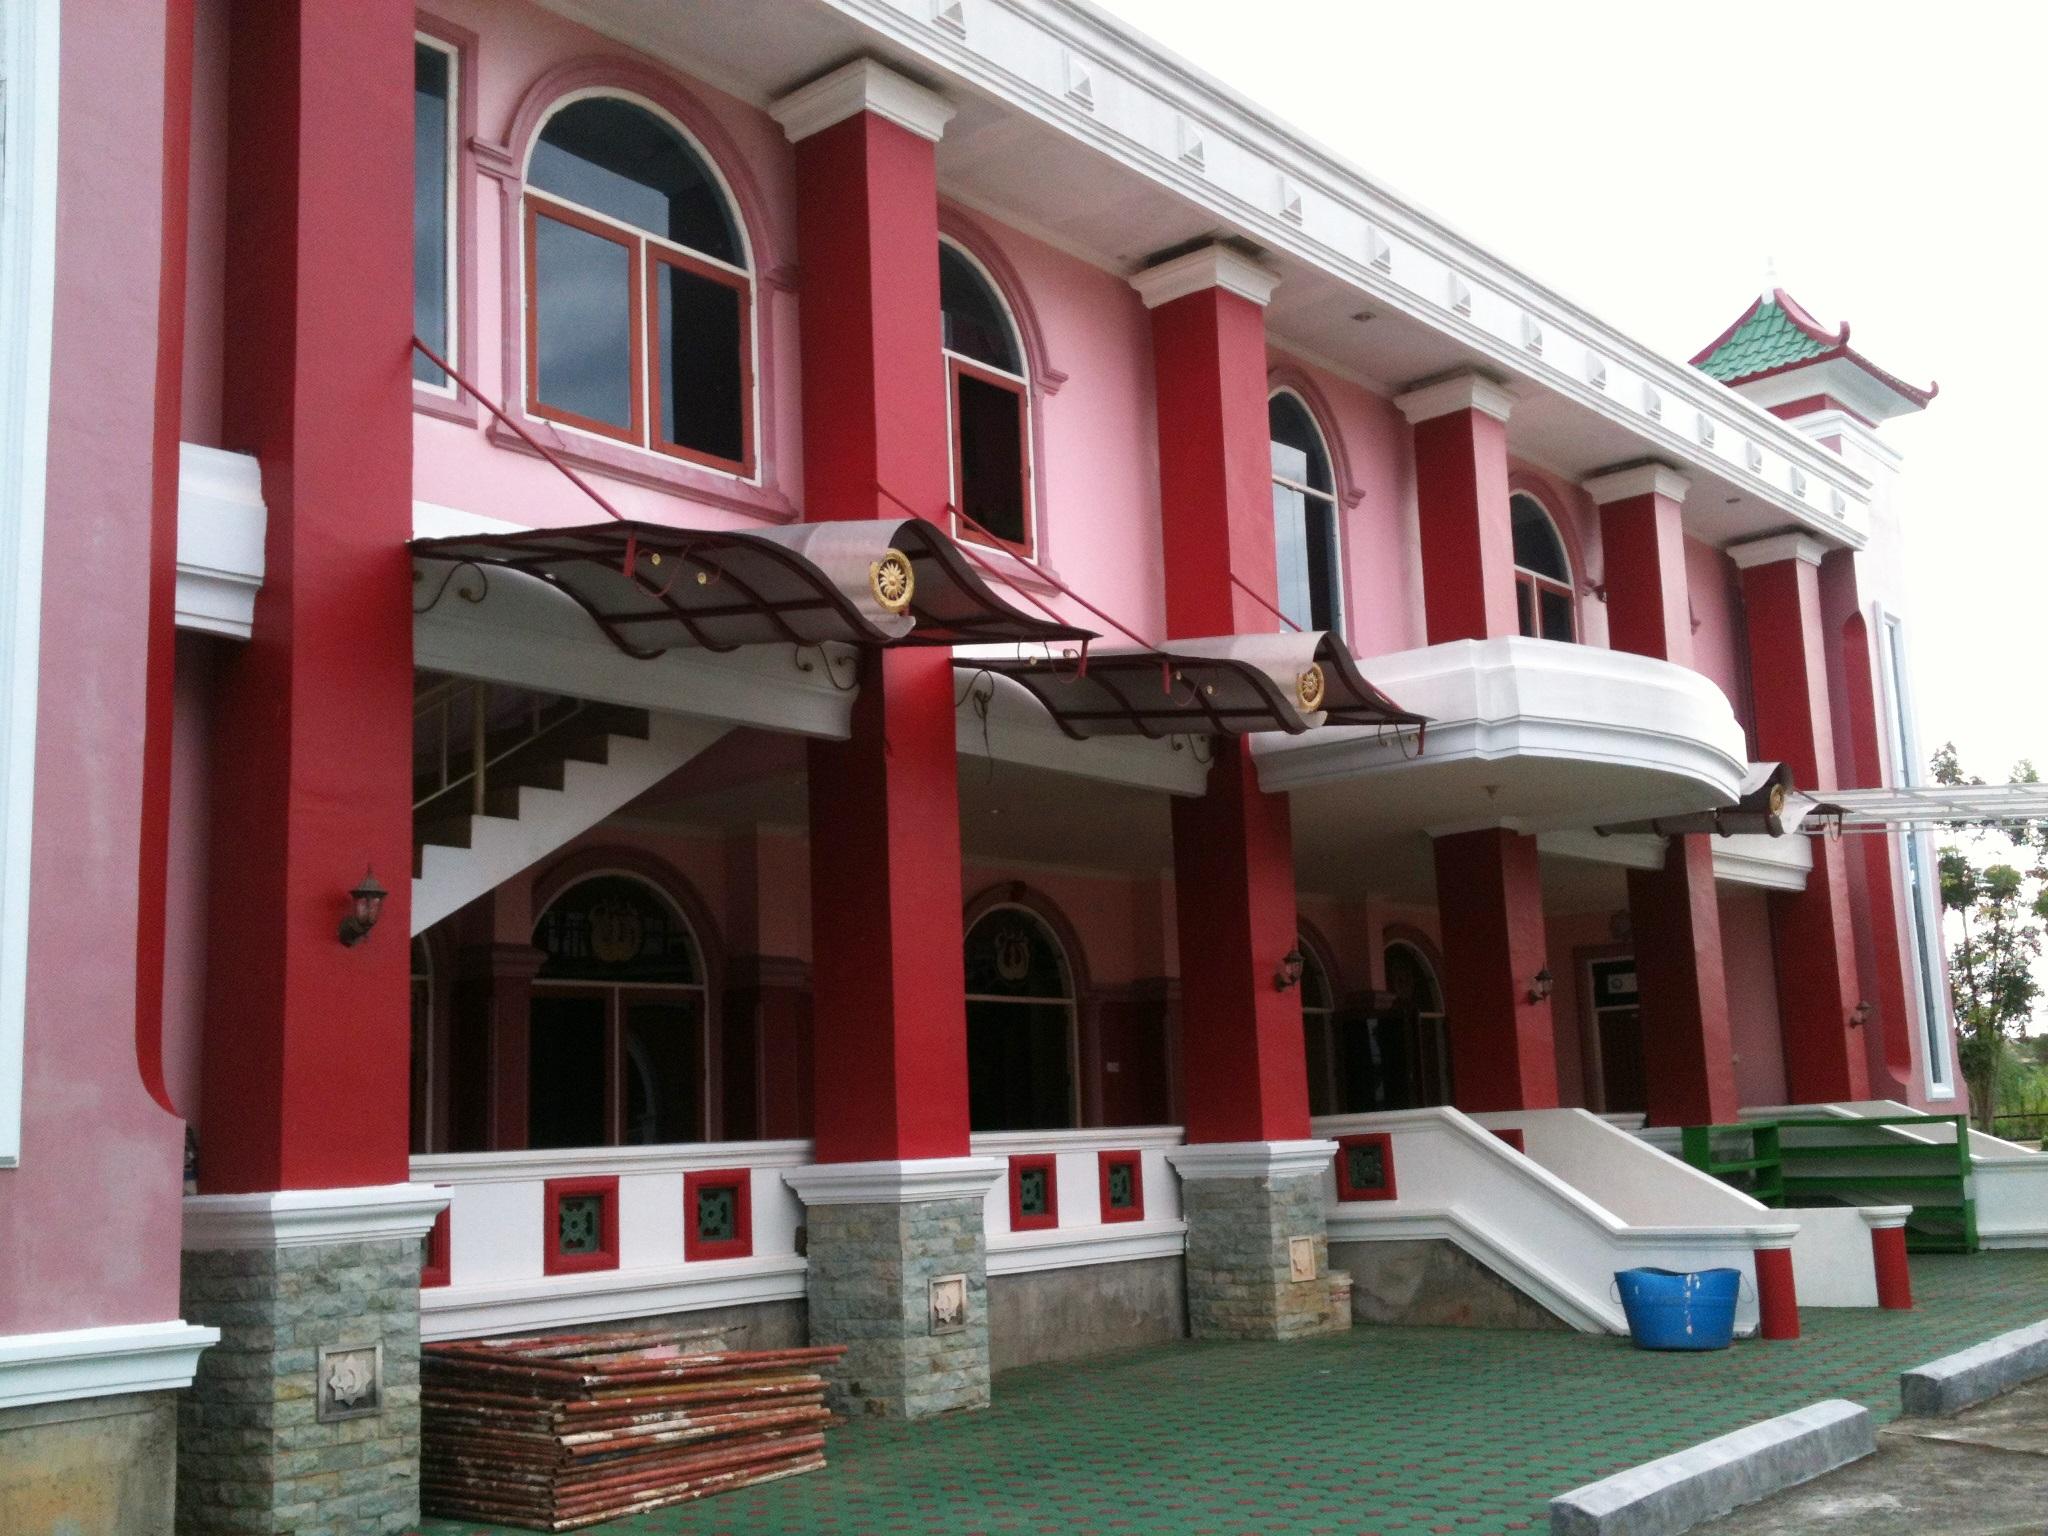 Wisata Religi Masjid Agung Cheng Hoo Palembang Kota